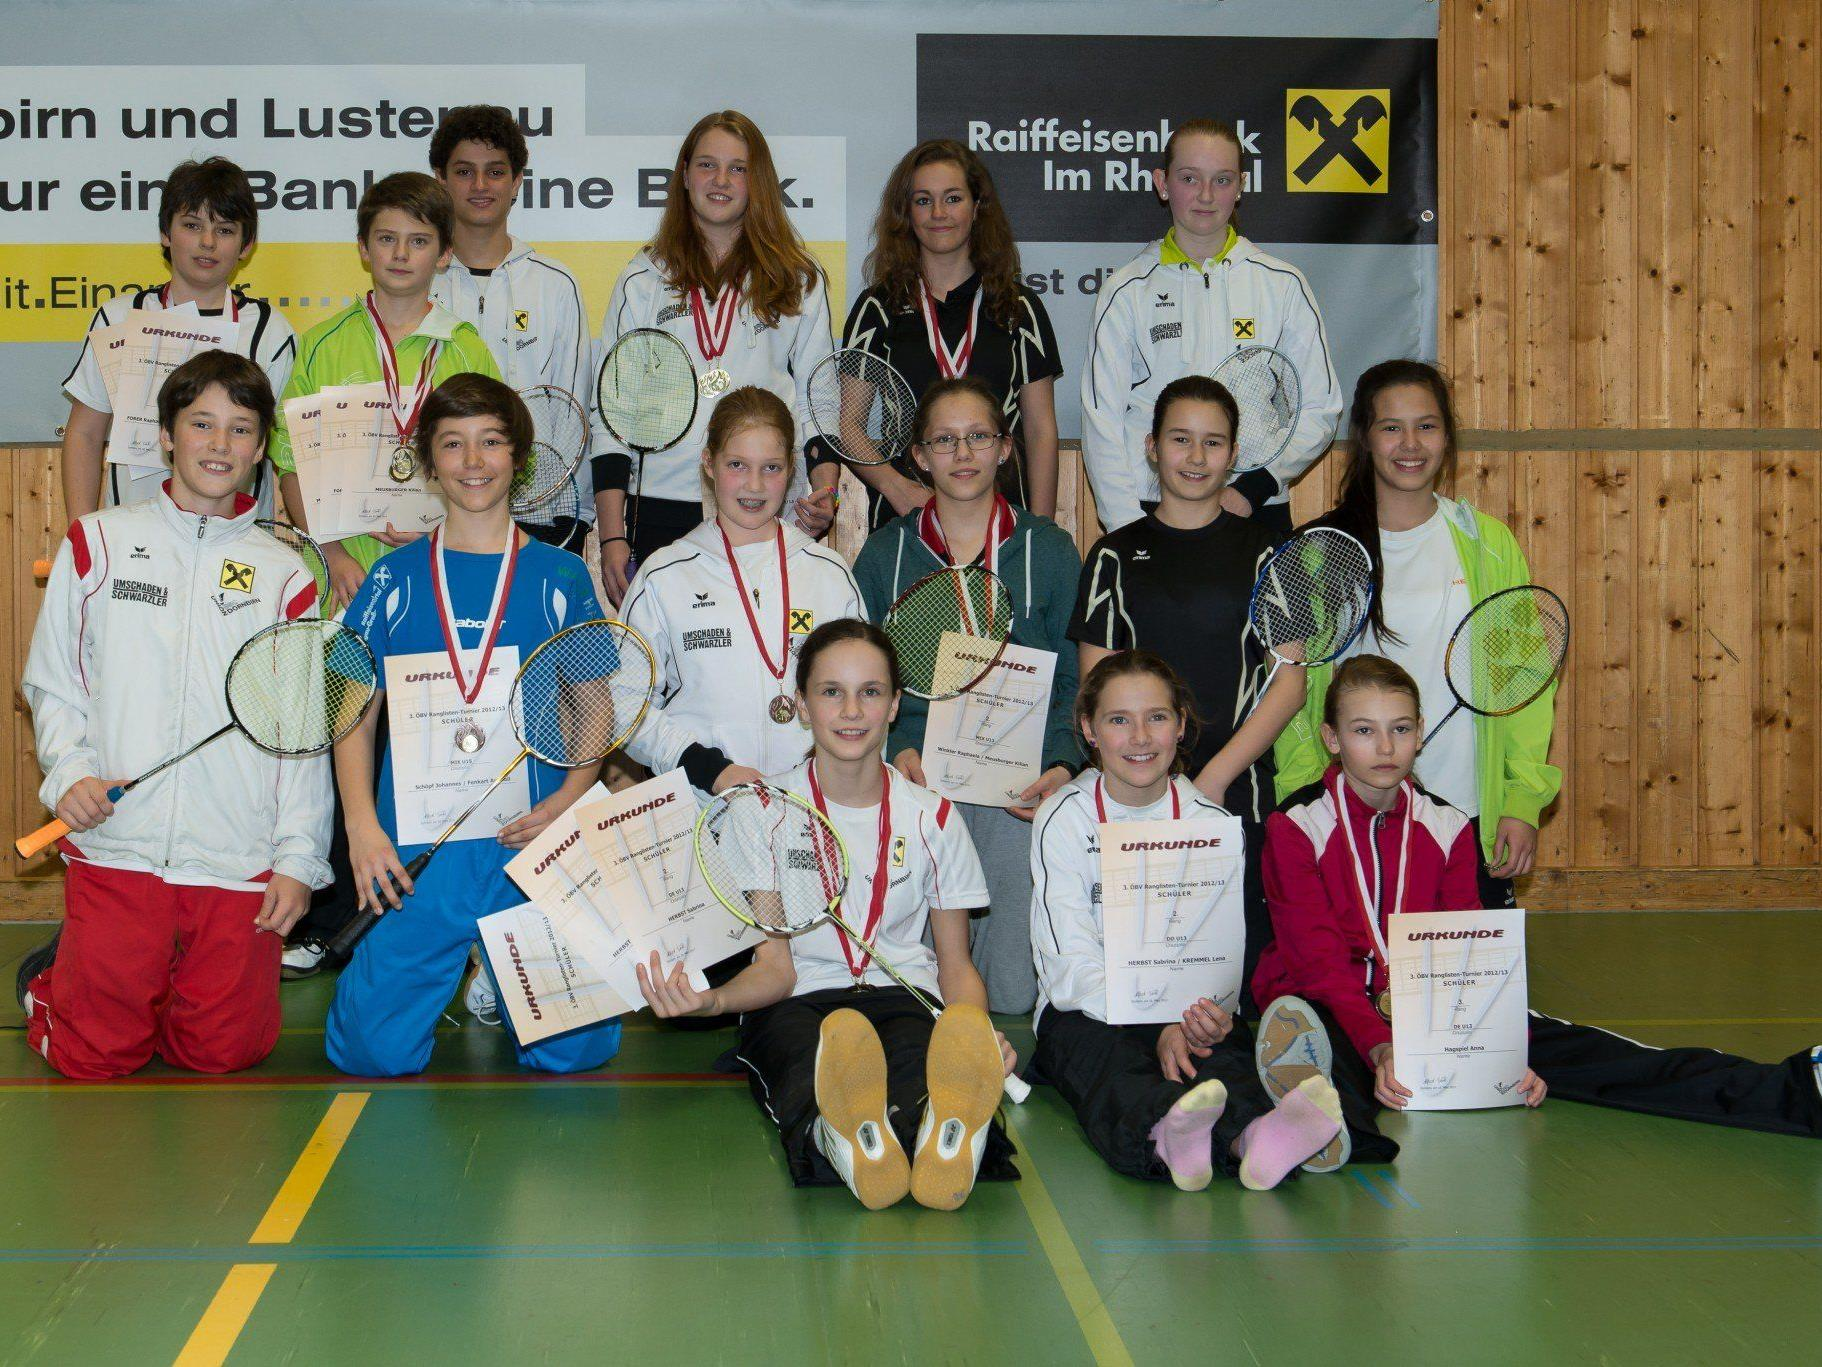 Jede Menge Siege für die jungen Badmintonspieler.